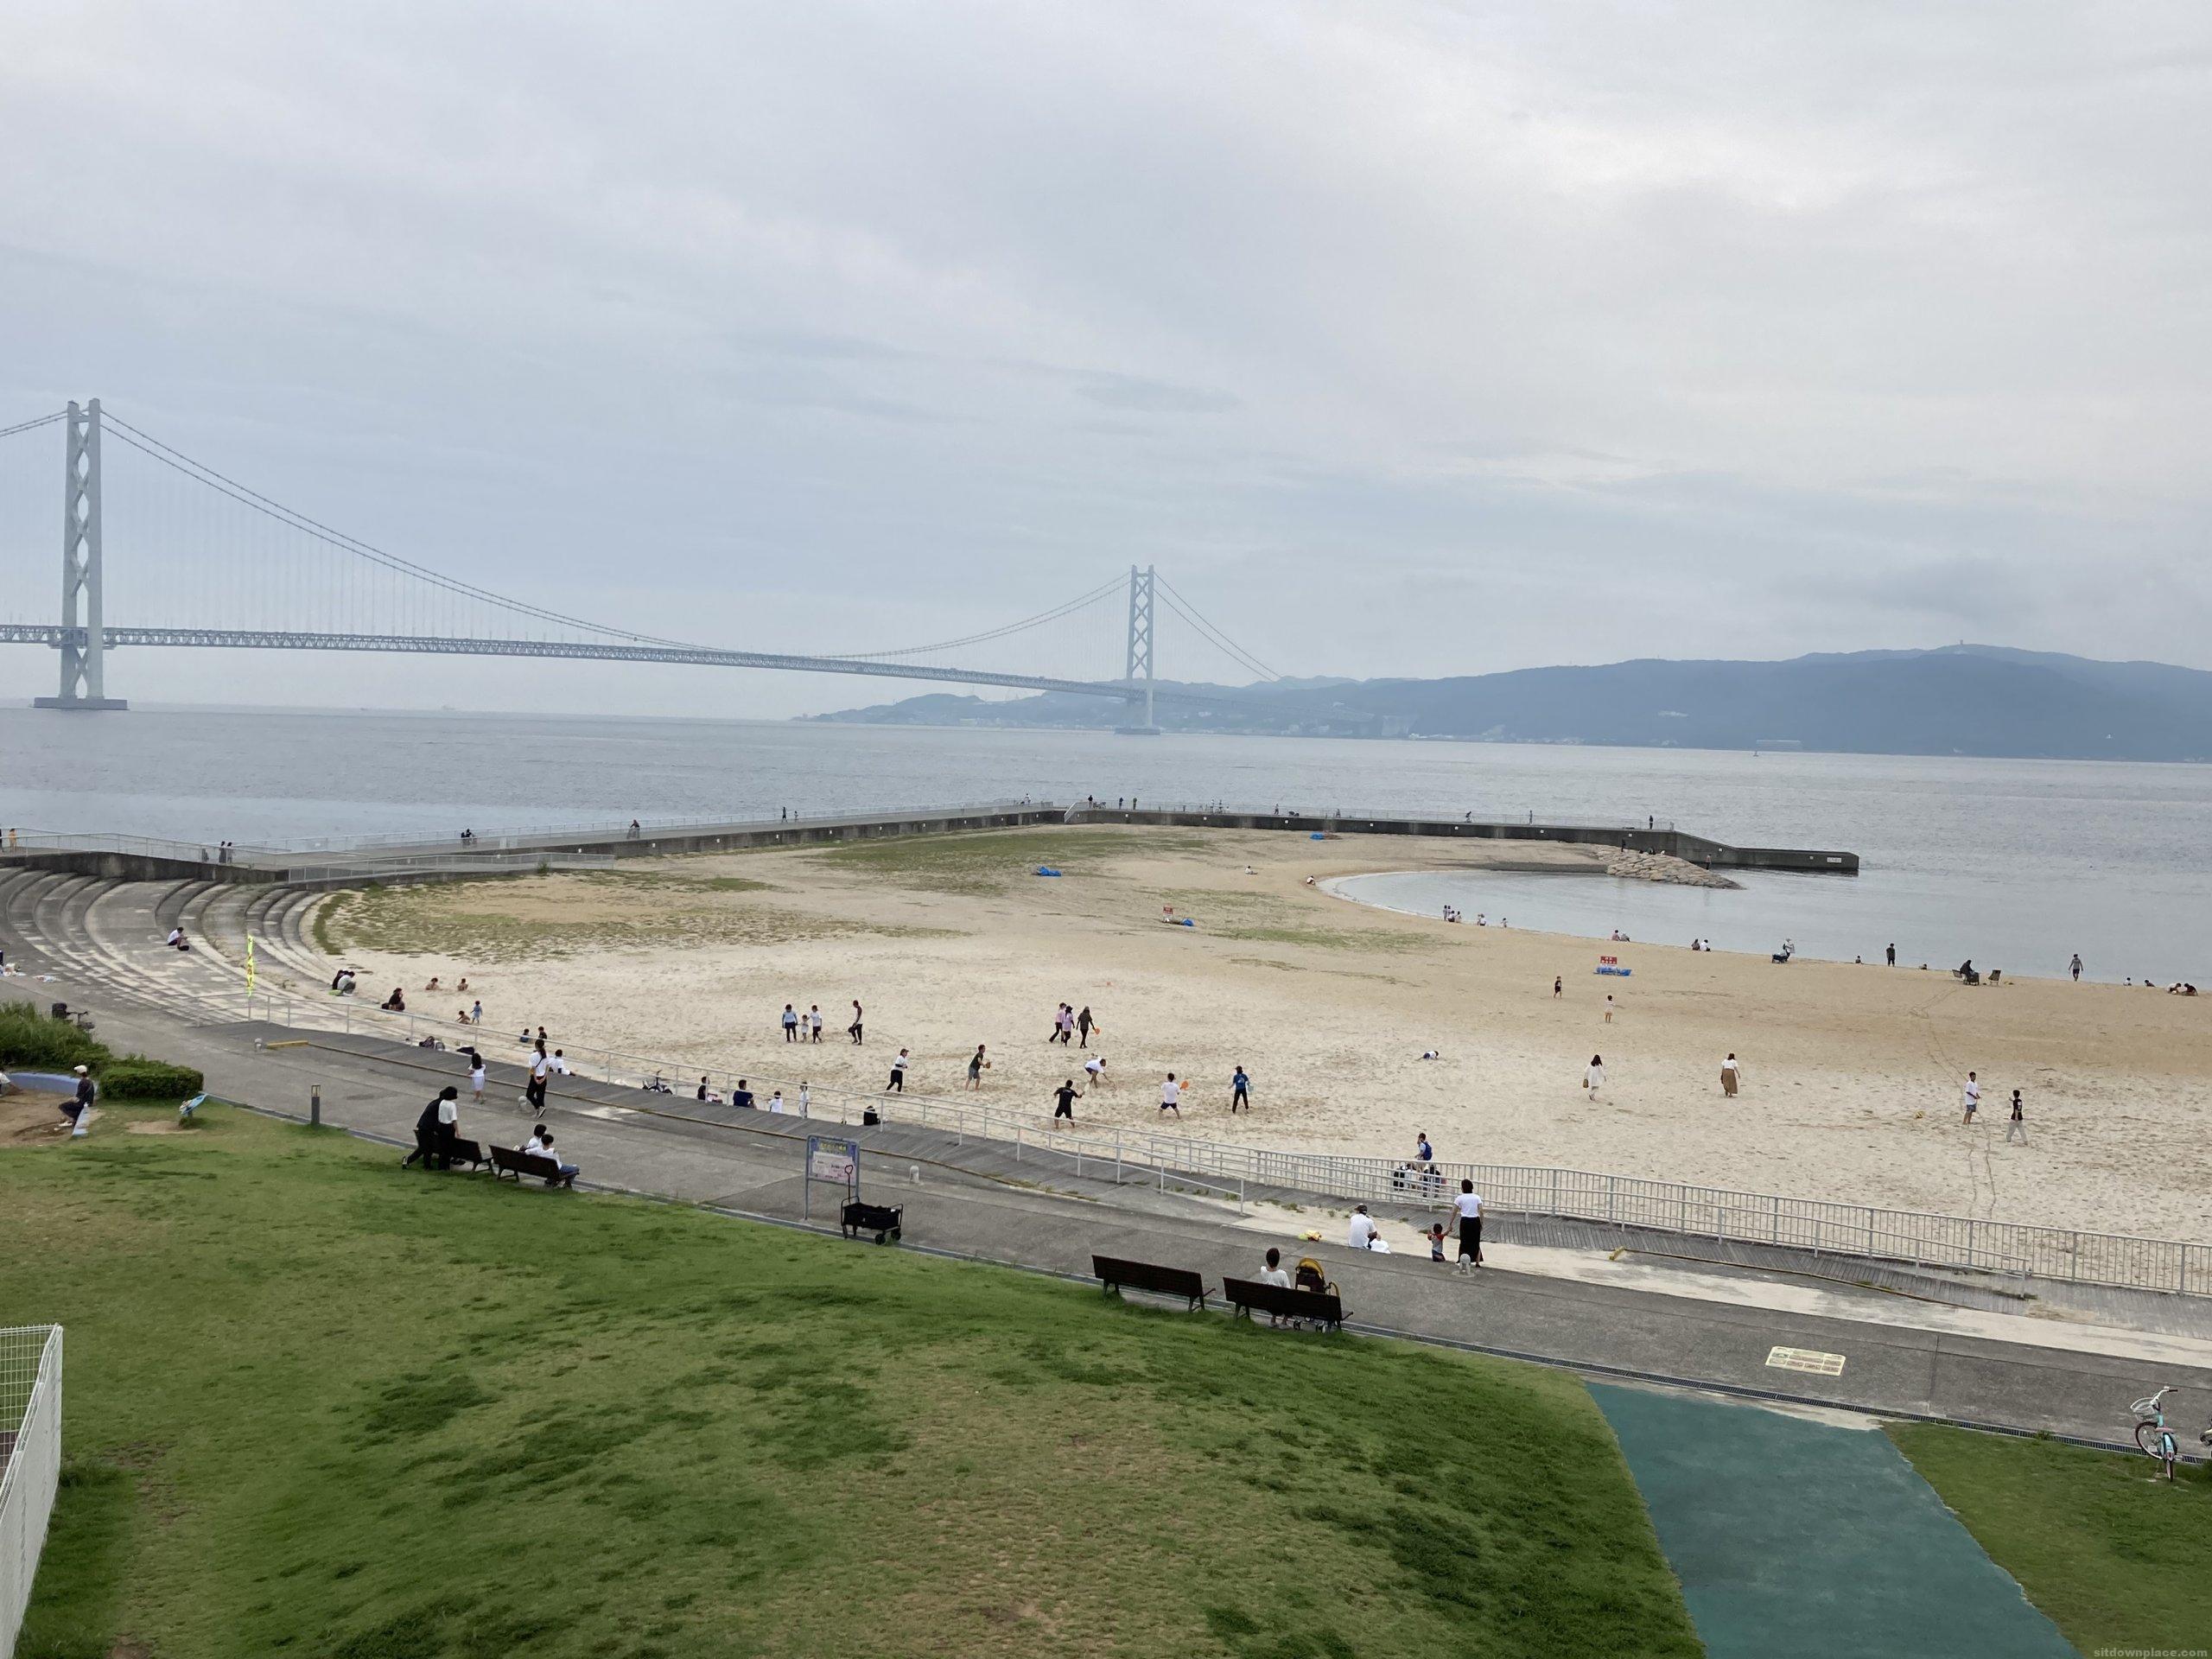 【朝霧駅】大蔵海岸公園こどもの広場の休憩場所1